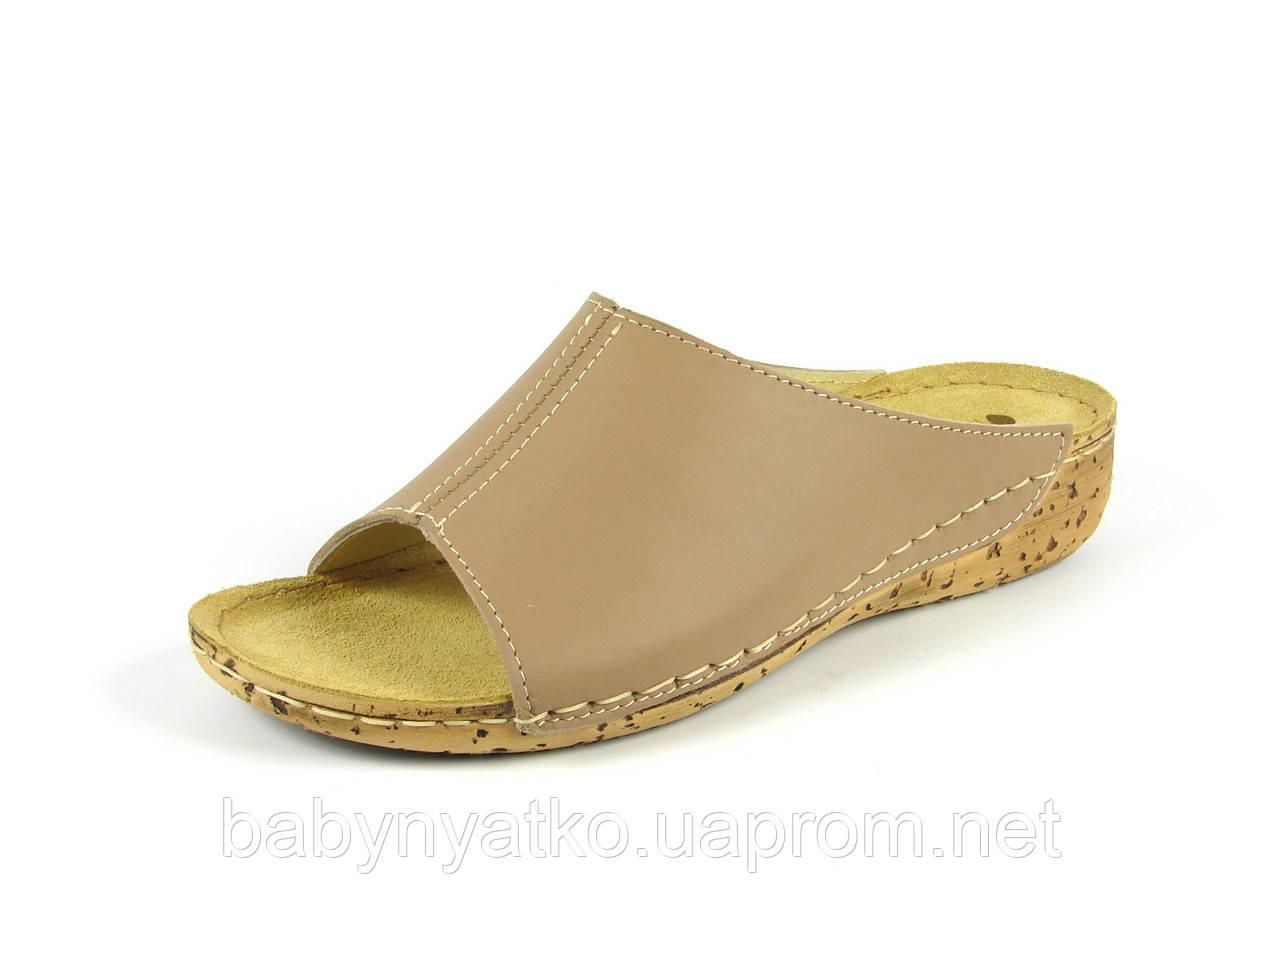 Женская летняя кожаная ортопедическая обувь сабо р.36,37 бежевые ... 74170c4a83c